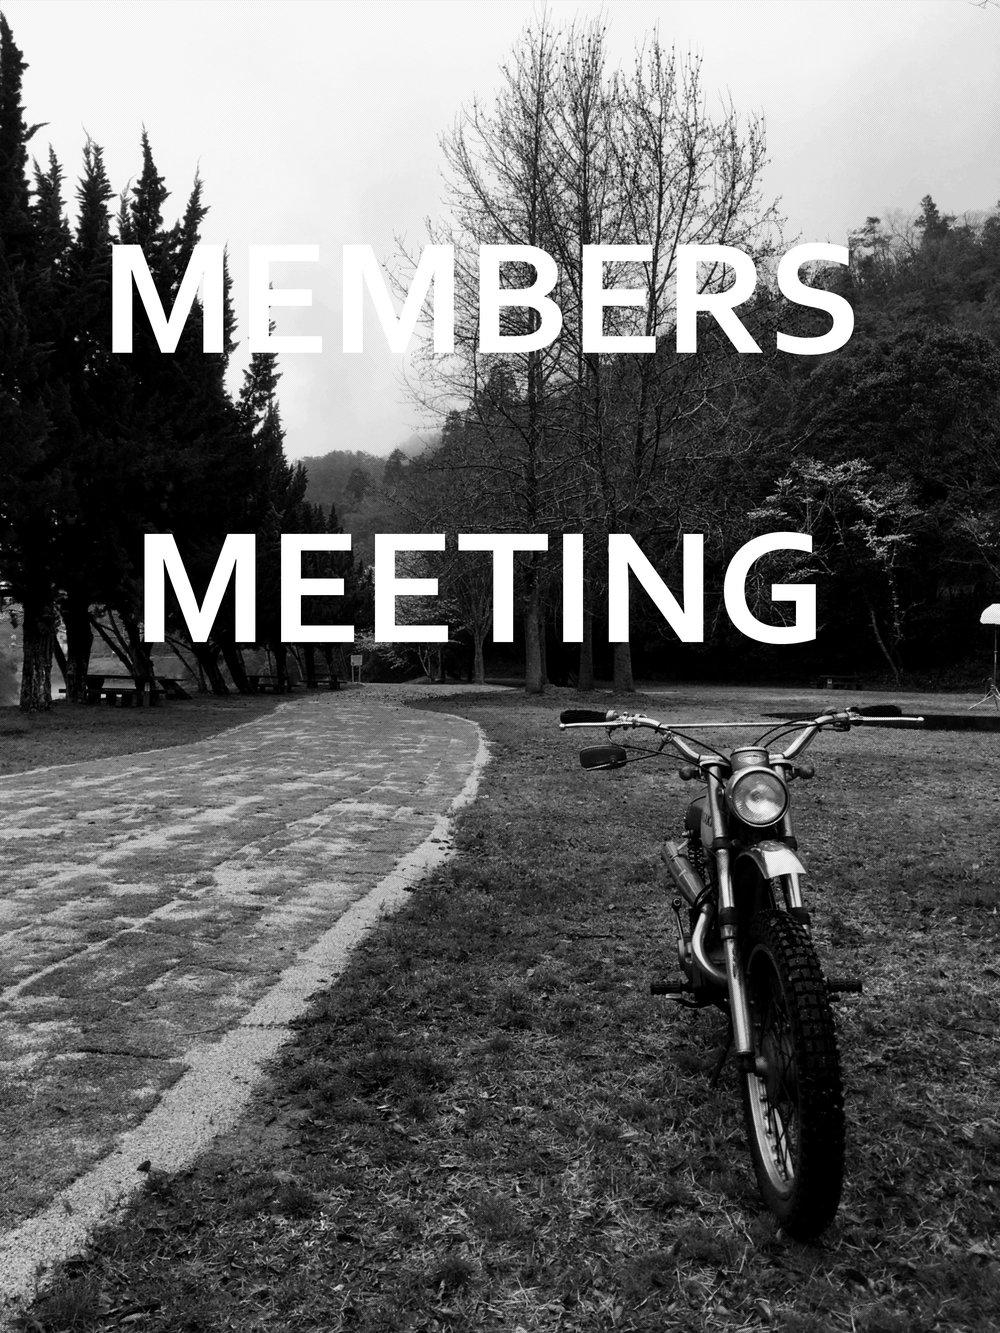 membersmeeting-image.jpg